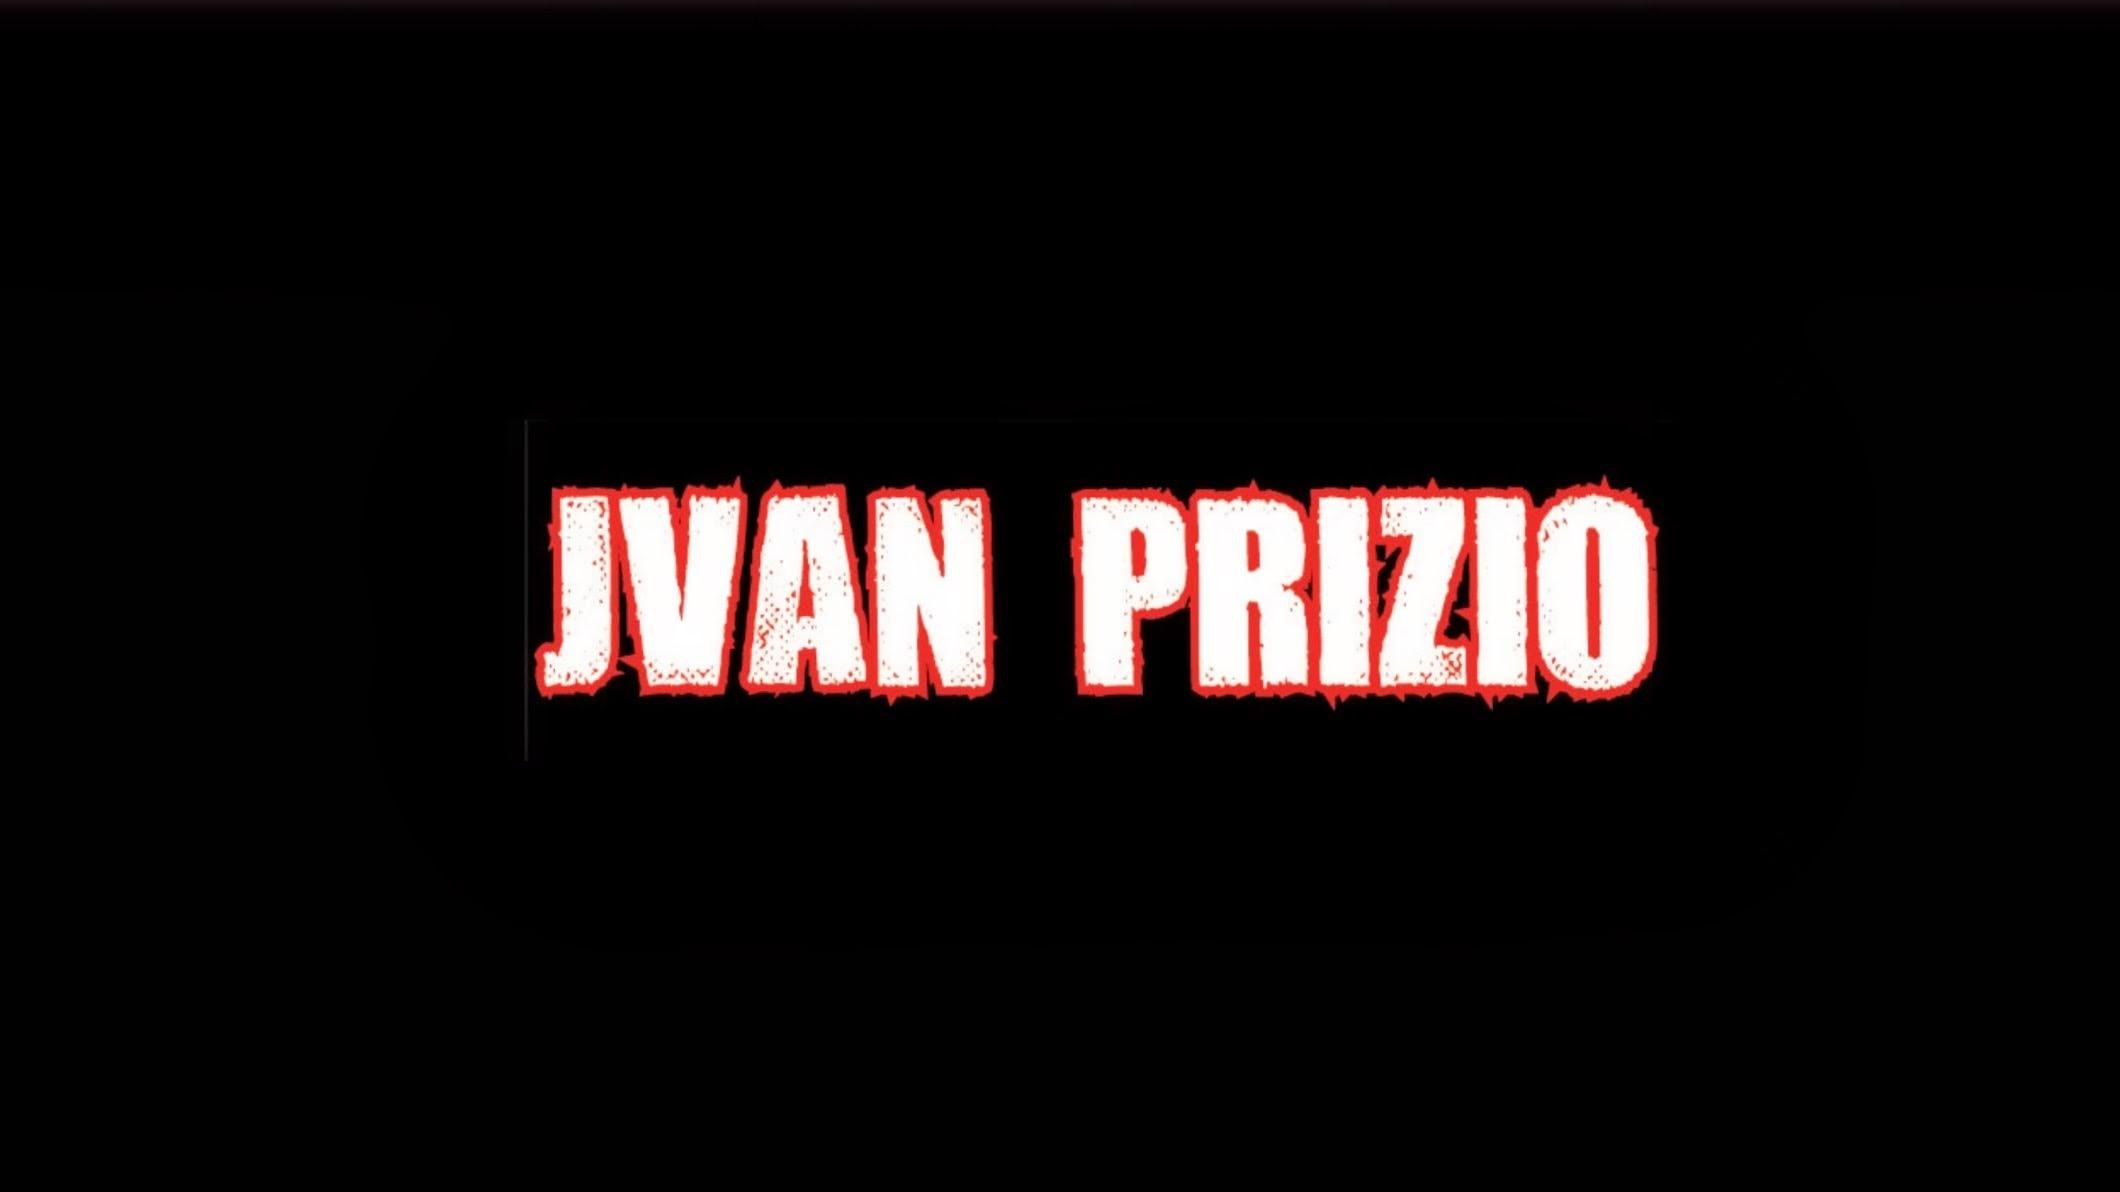 Jvan Prizio